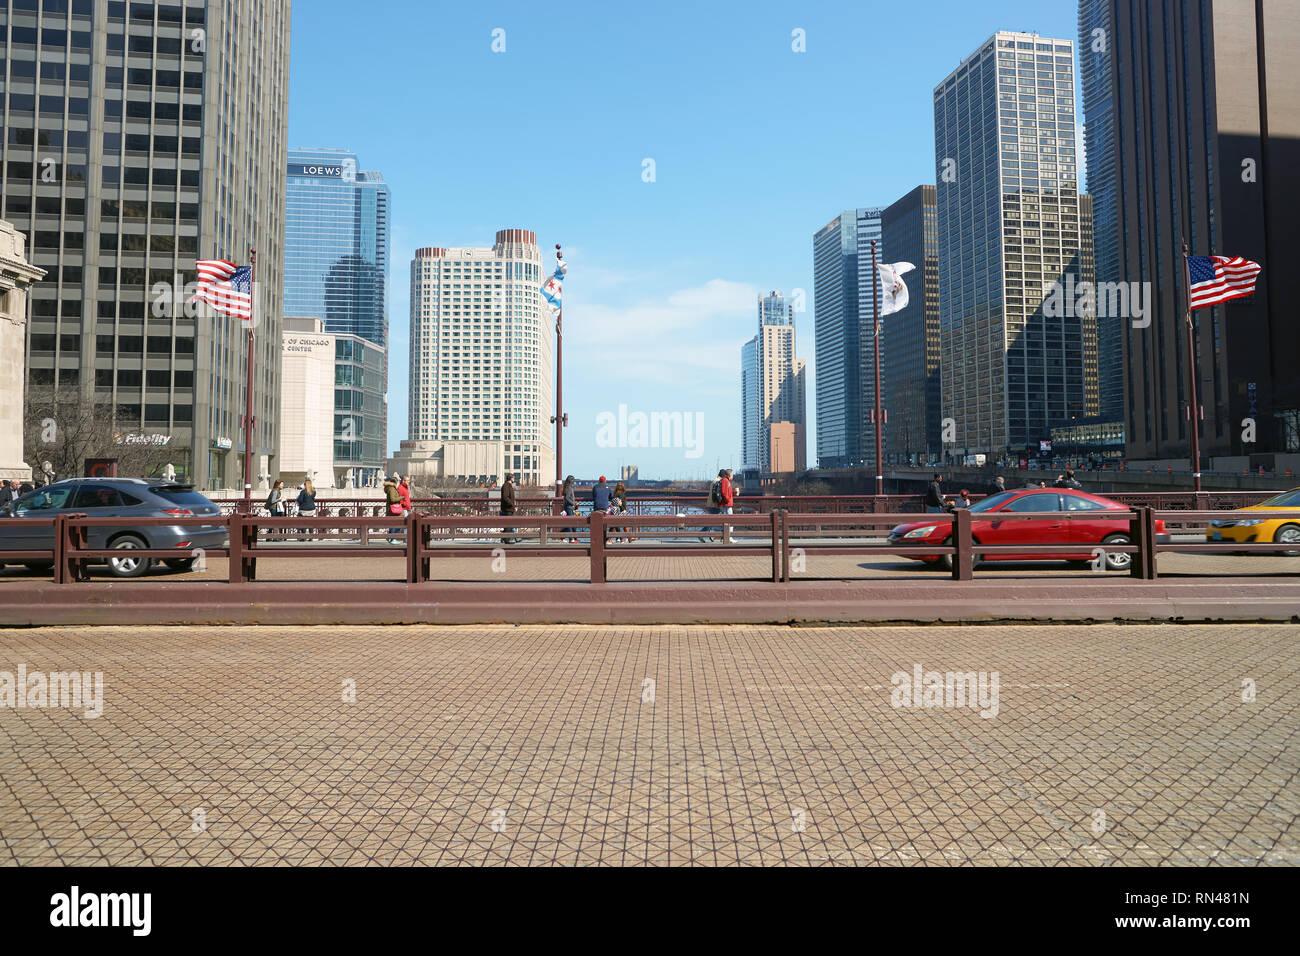 CHICAGO, IL - CIRCA MARCH, 2016: DuSable Bridge in the daytime. DuSable Bridge is a bascule bridge that carries Michigan Avenue across the main stem o - Stock Image